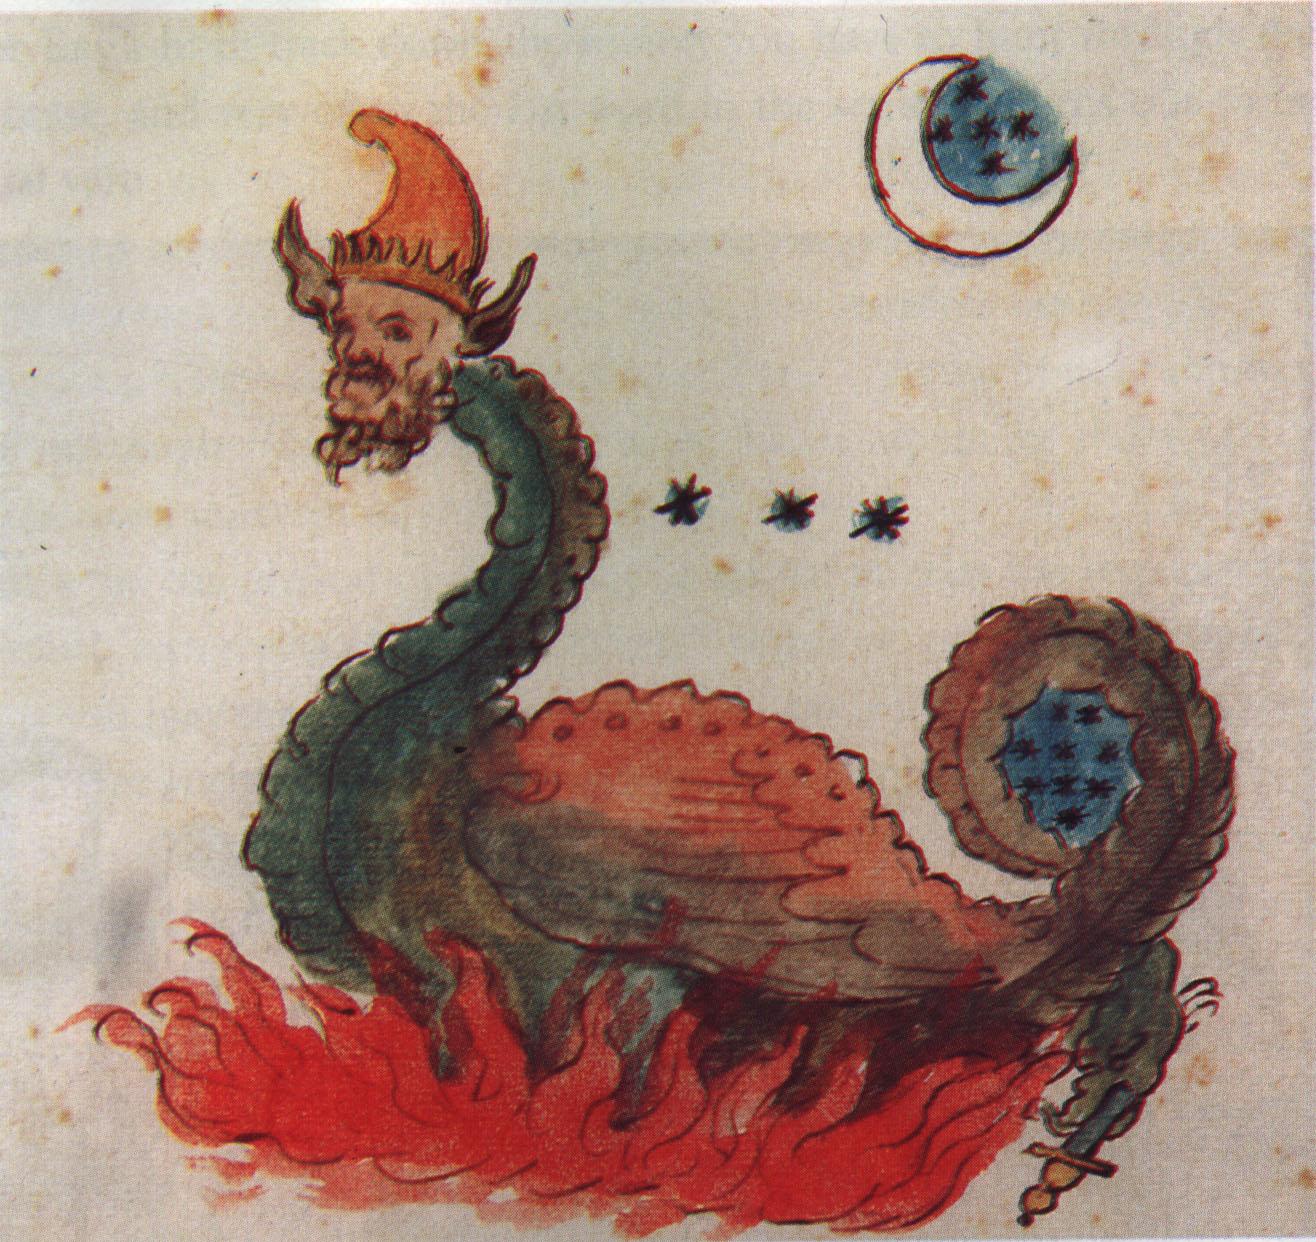 anostradamus